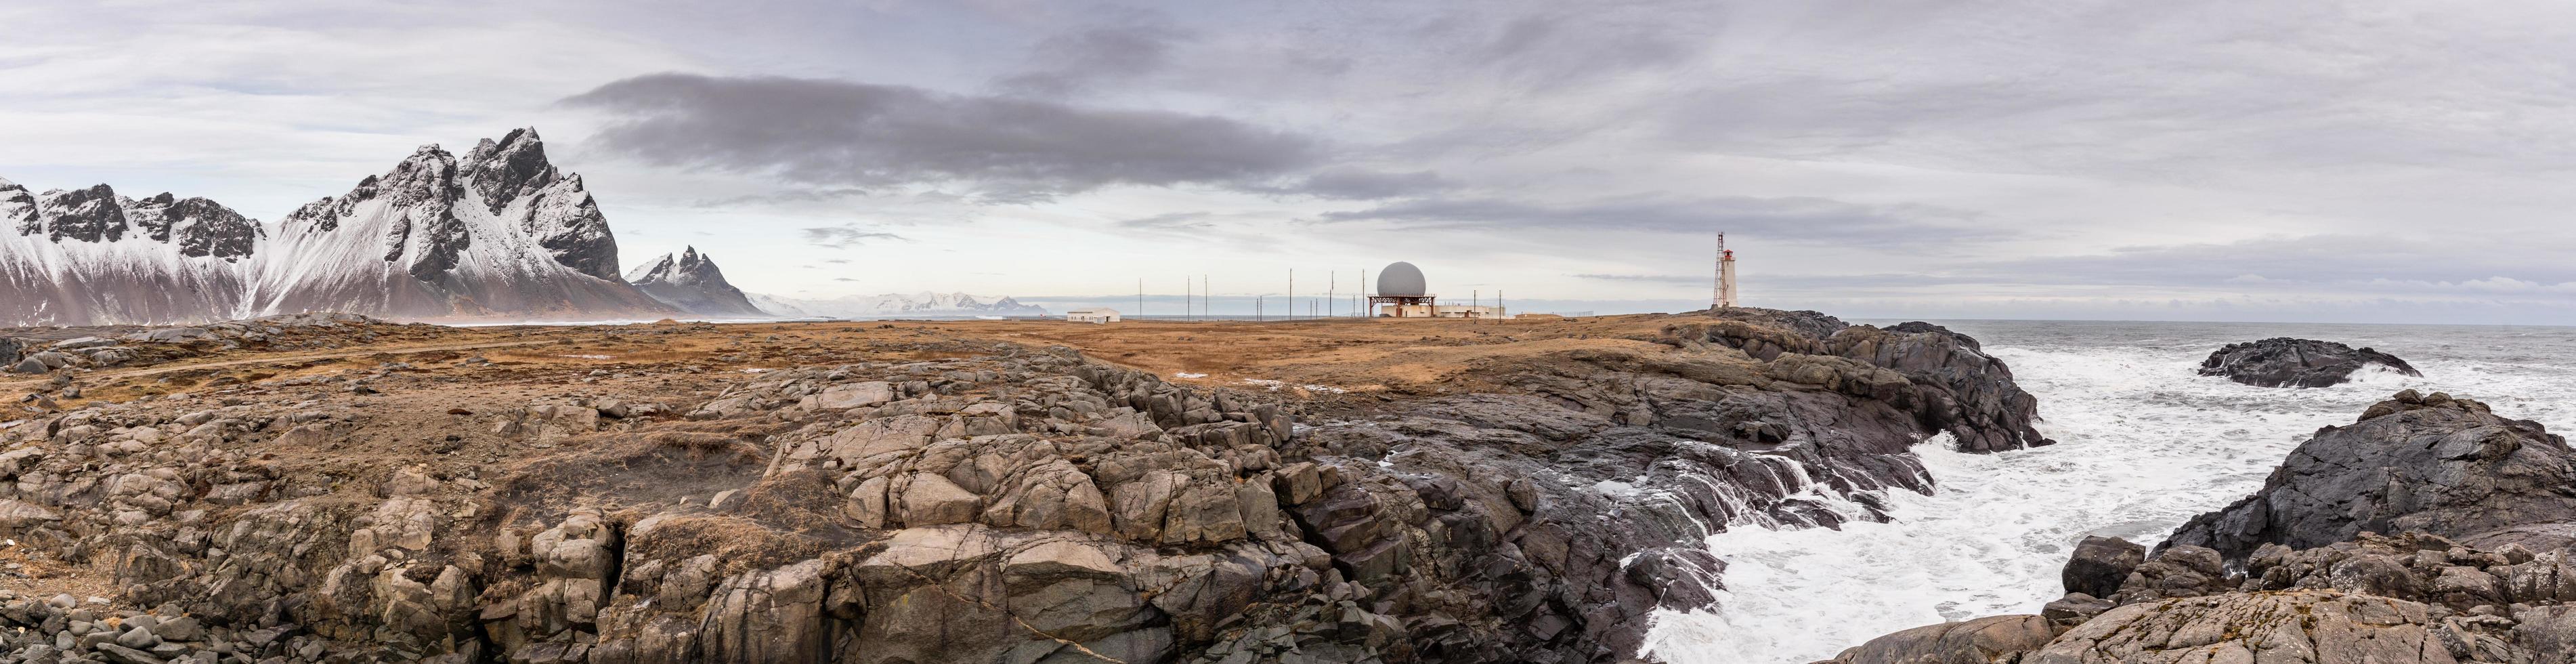 Panorama of Stokksnes in Vatnajokull National Park in Iceland photo